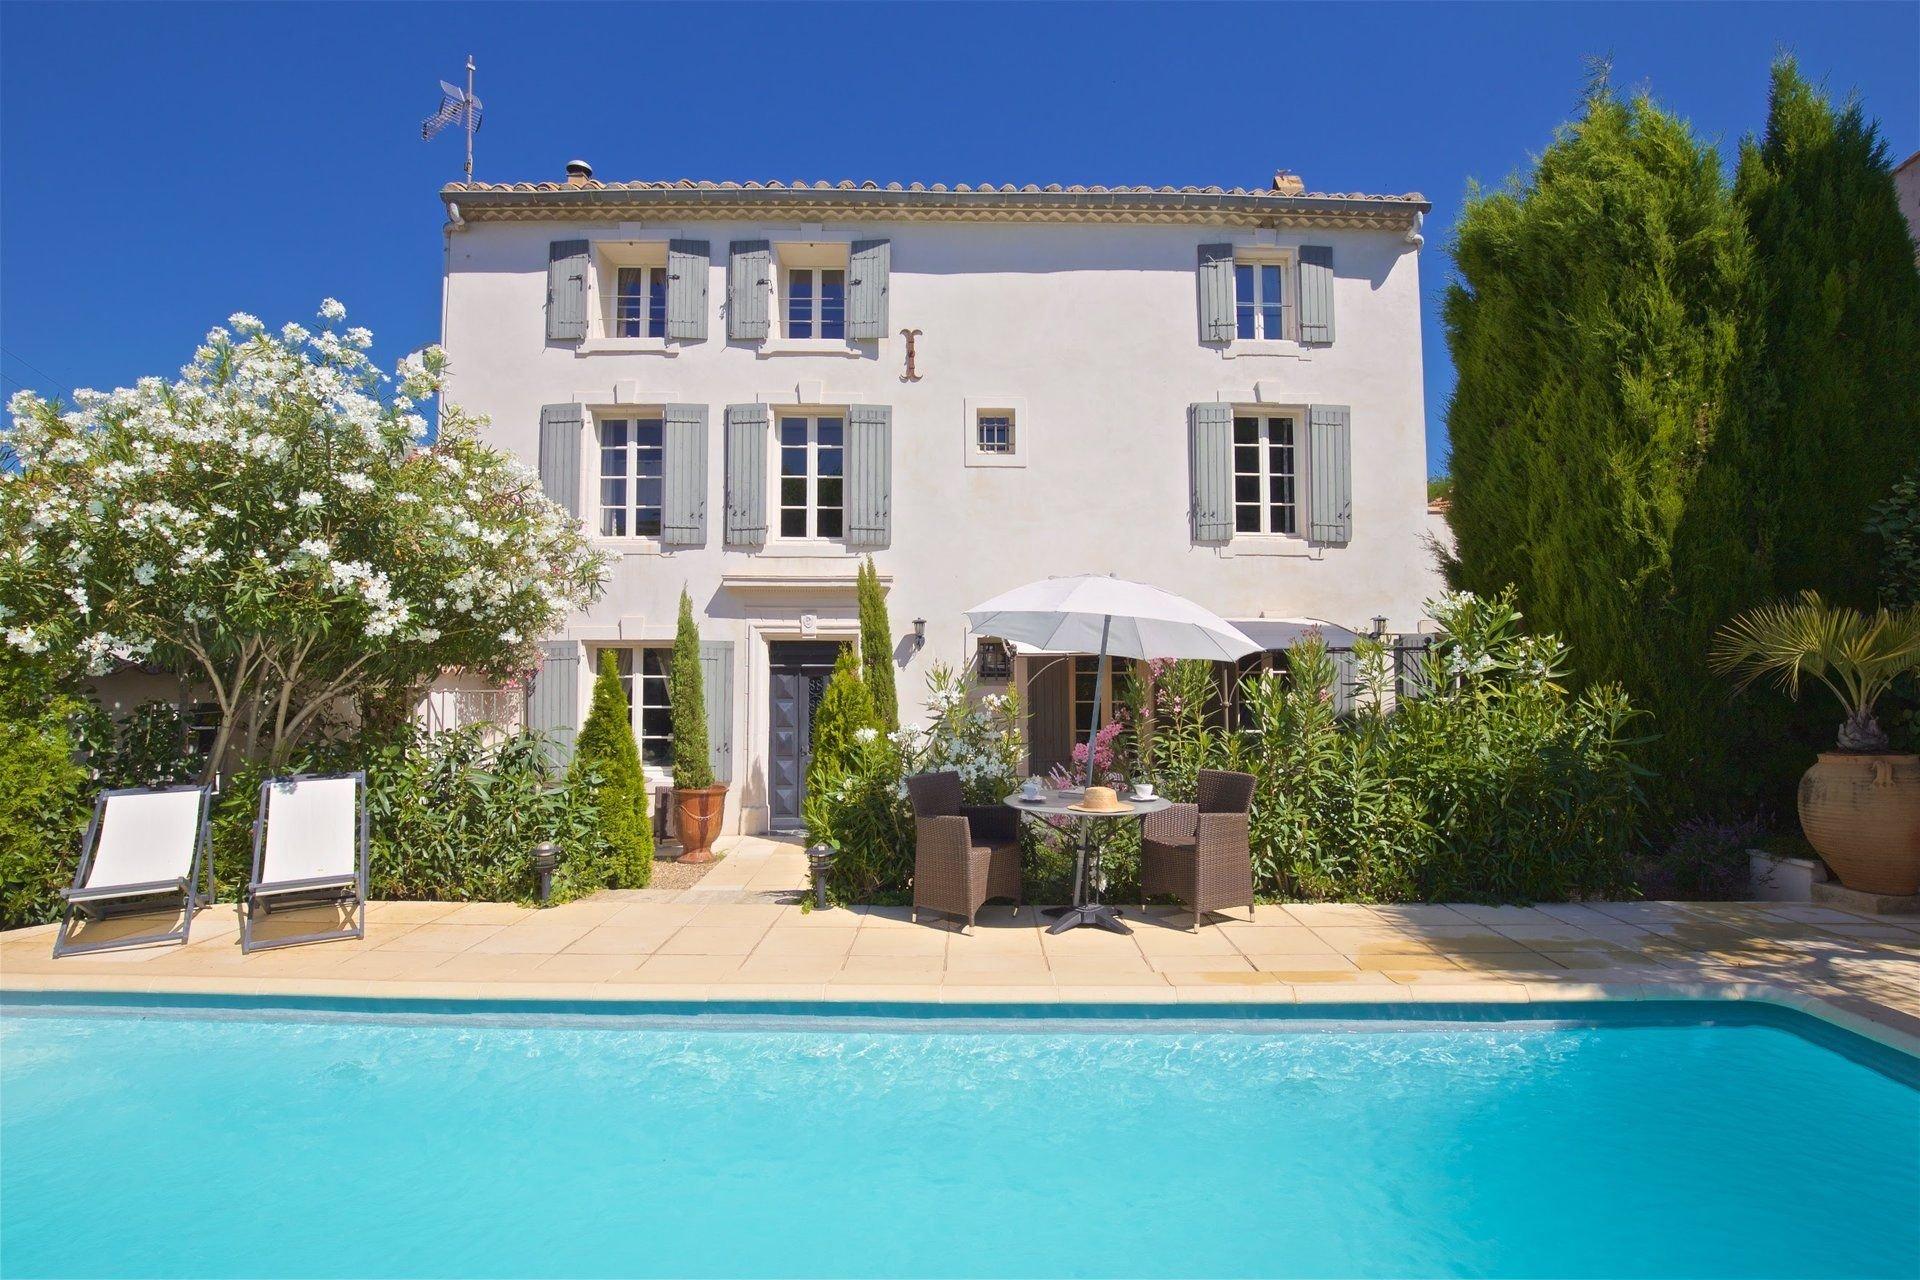 Villas for Sale - PL0012